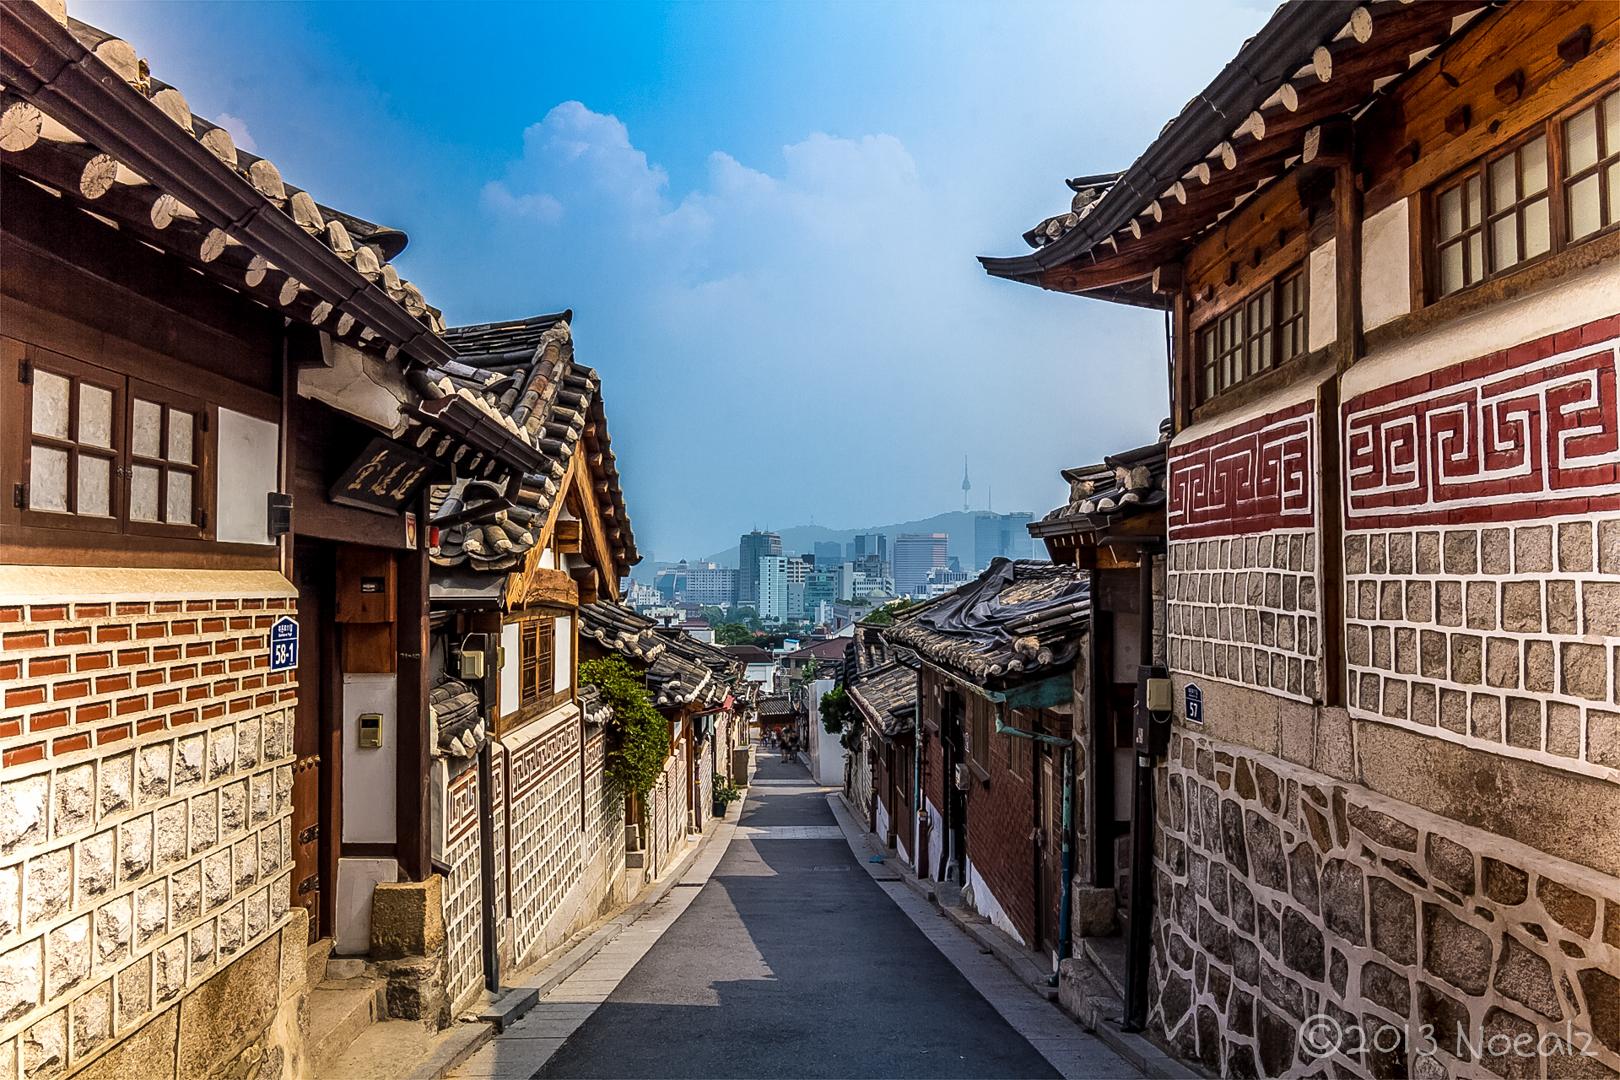 10 สถานที่ท่องเที่ยวที่ไม่ควรพลาดในกรุงโซล -หมู่บ้านบุกชน ฮันอก